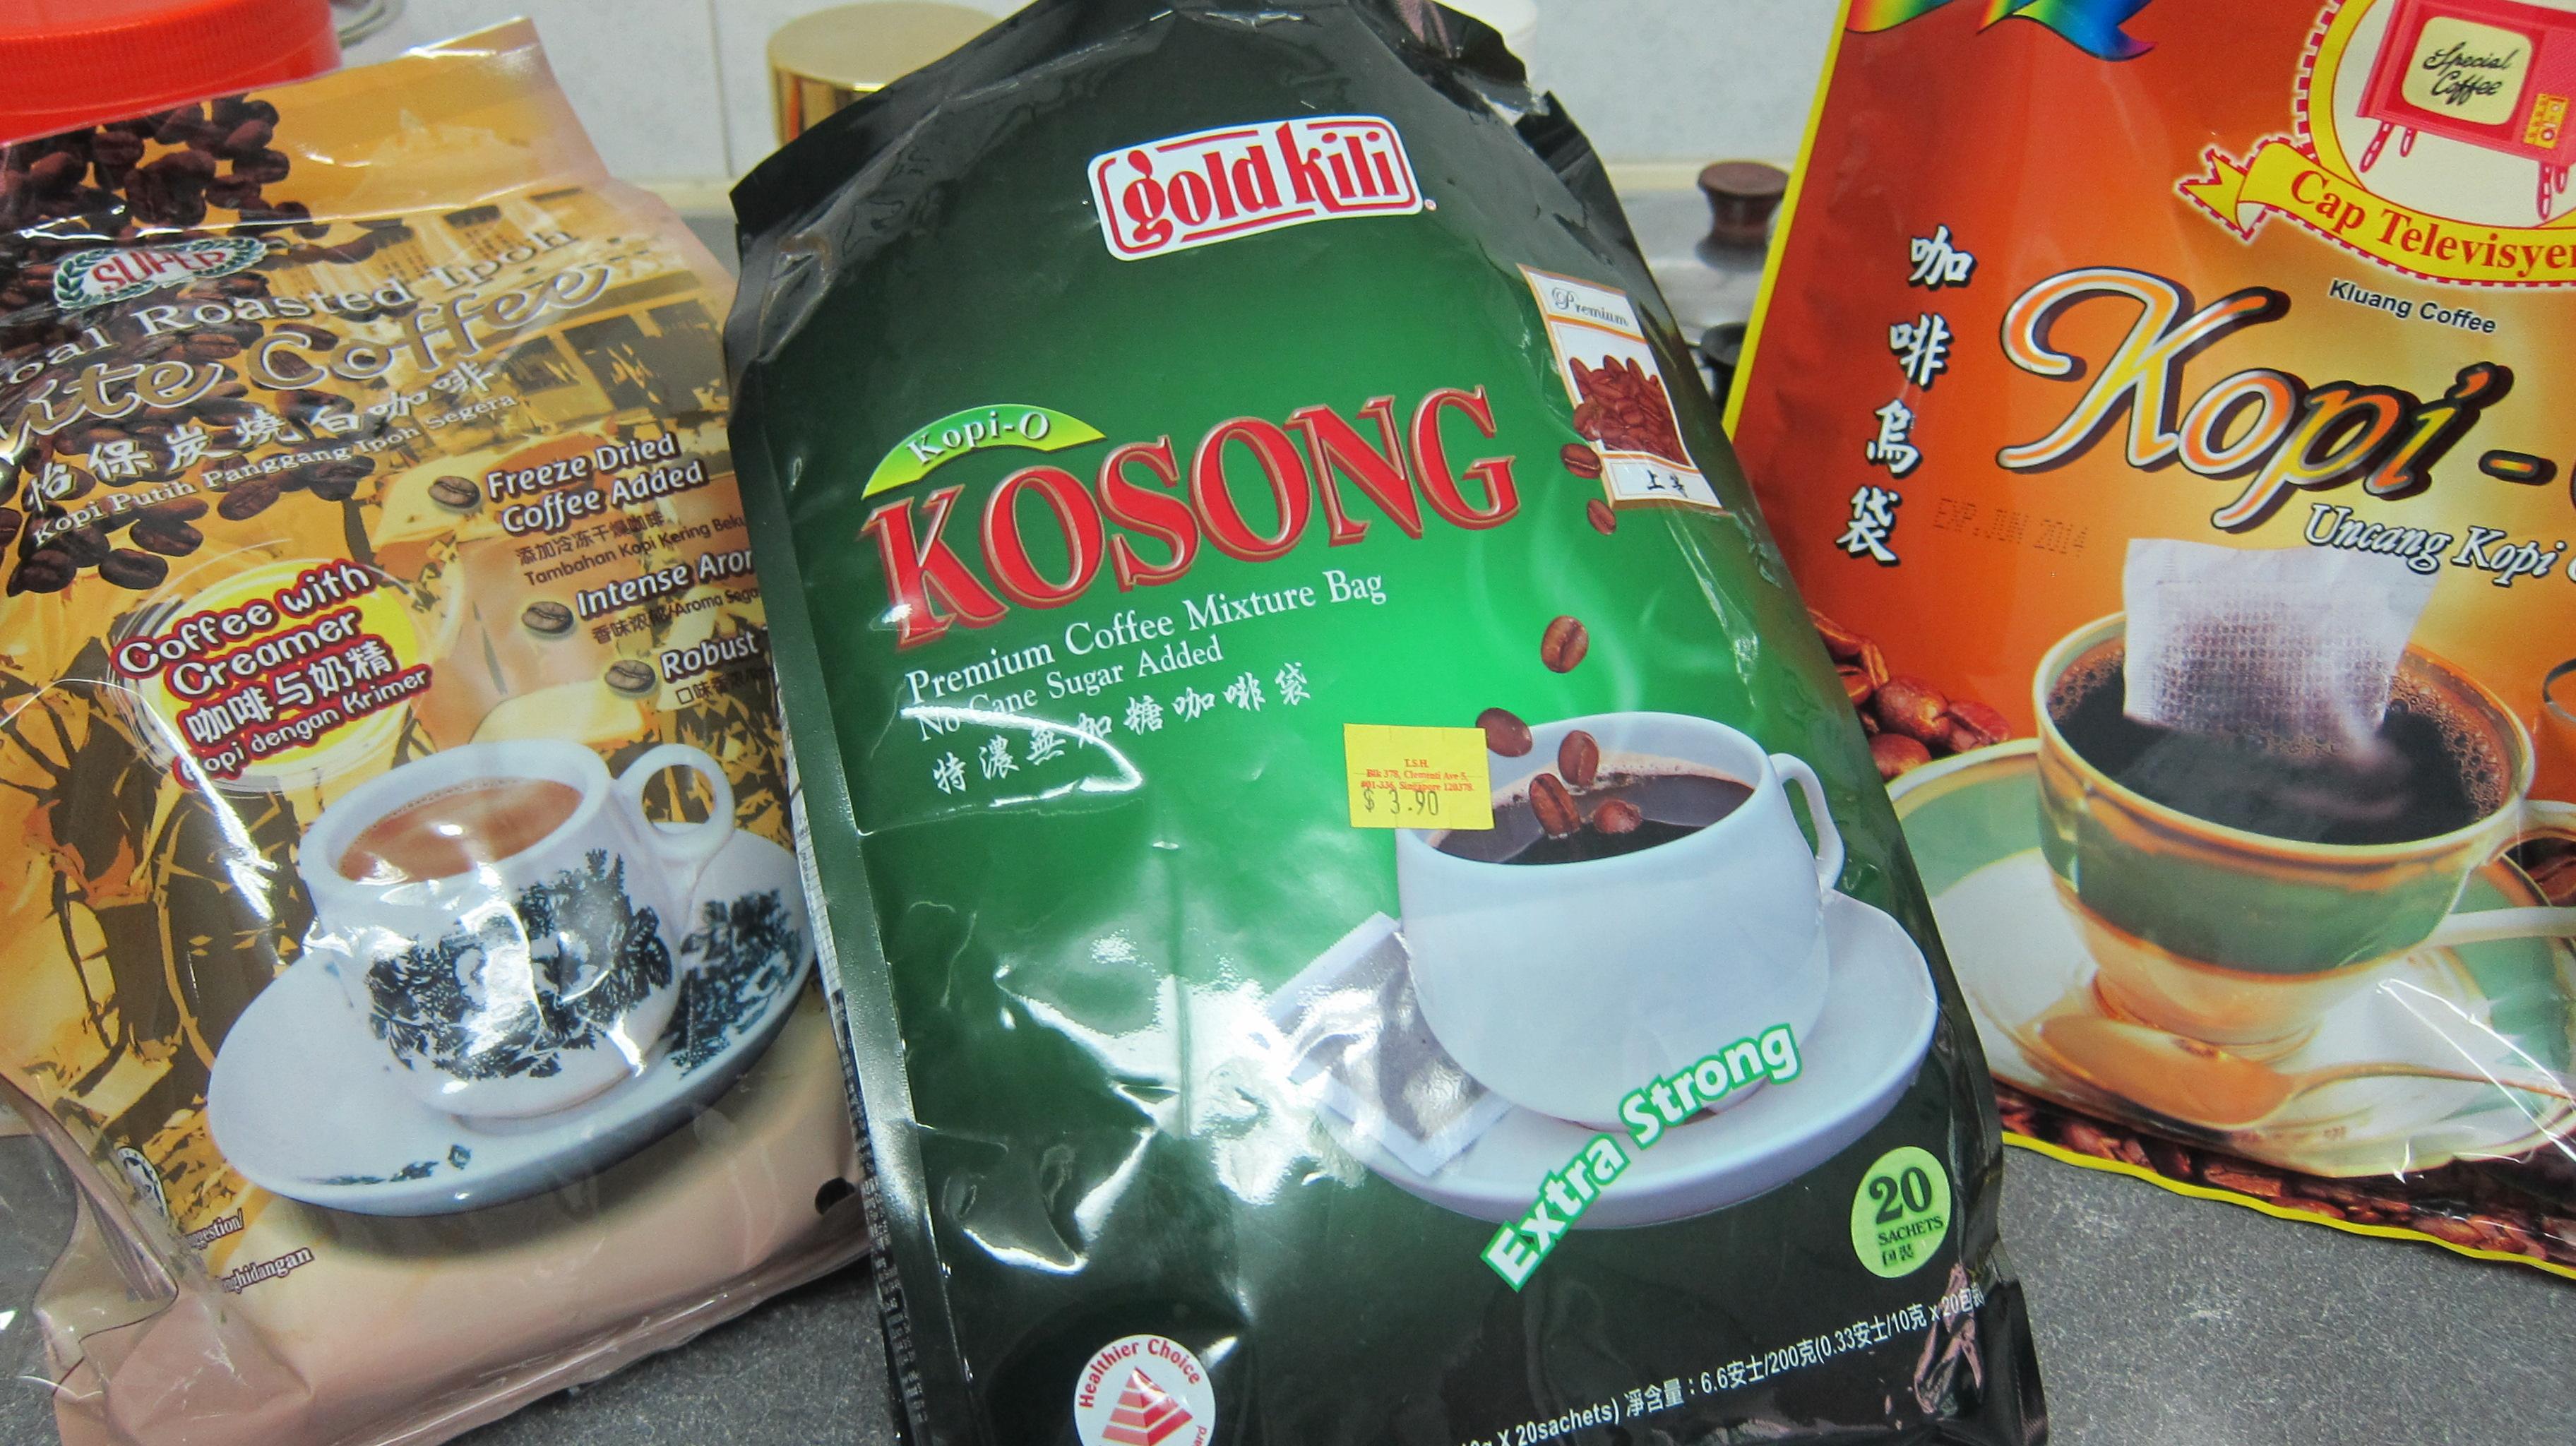 「instant coffee singapore」の画像検索結果